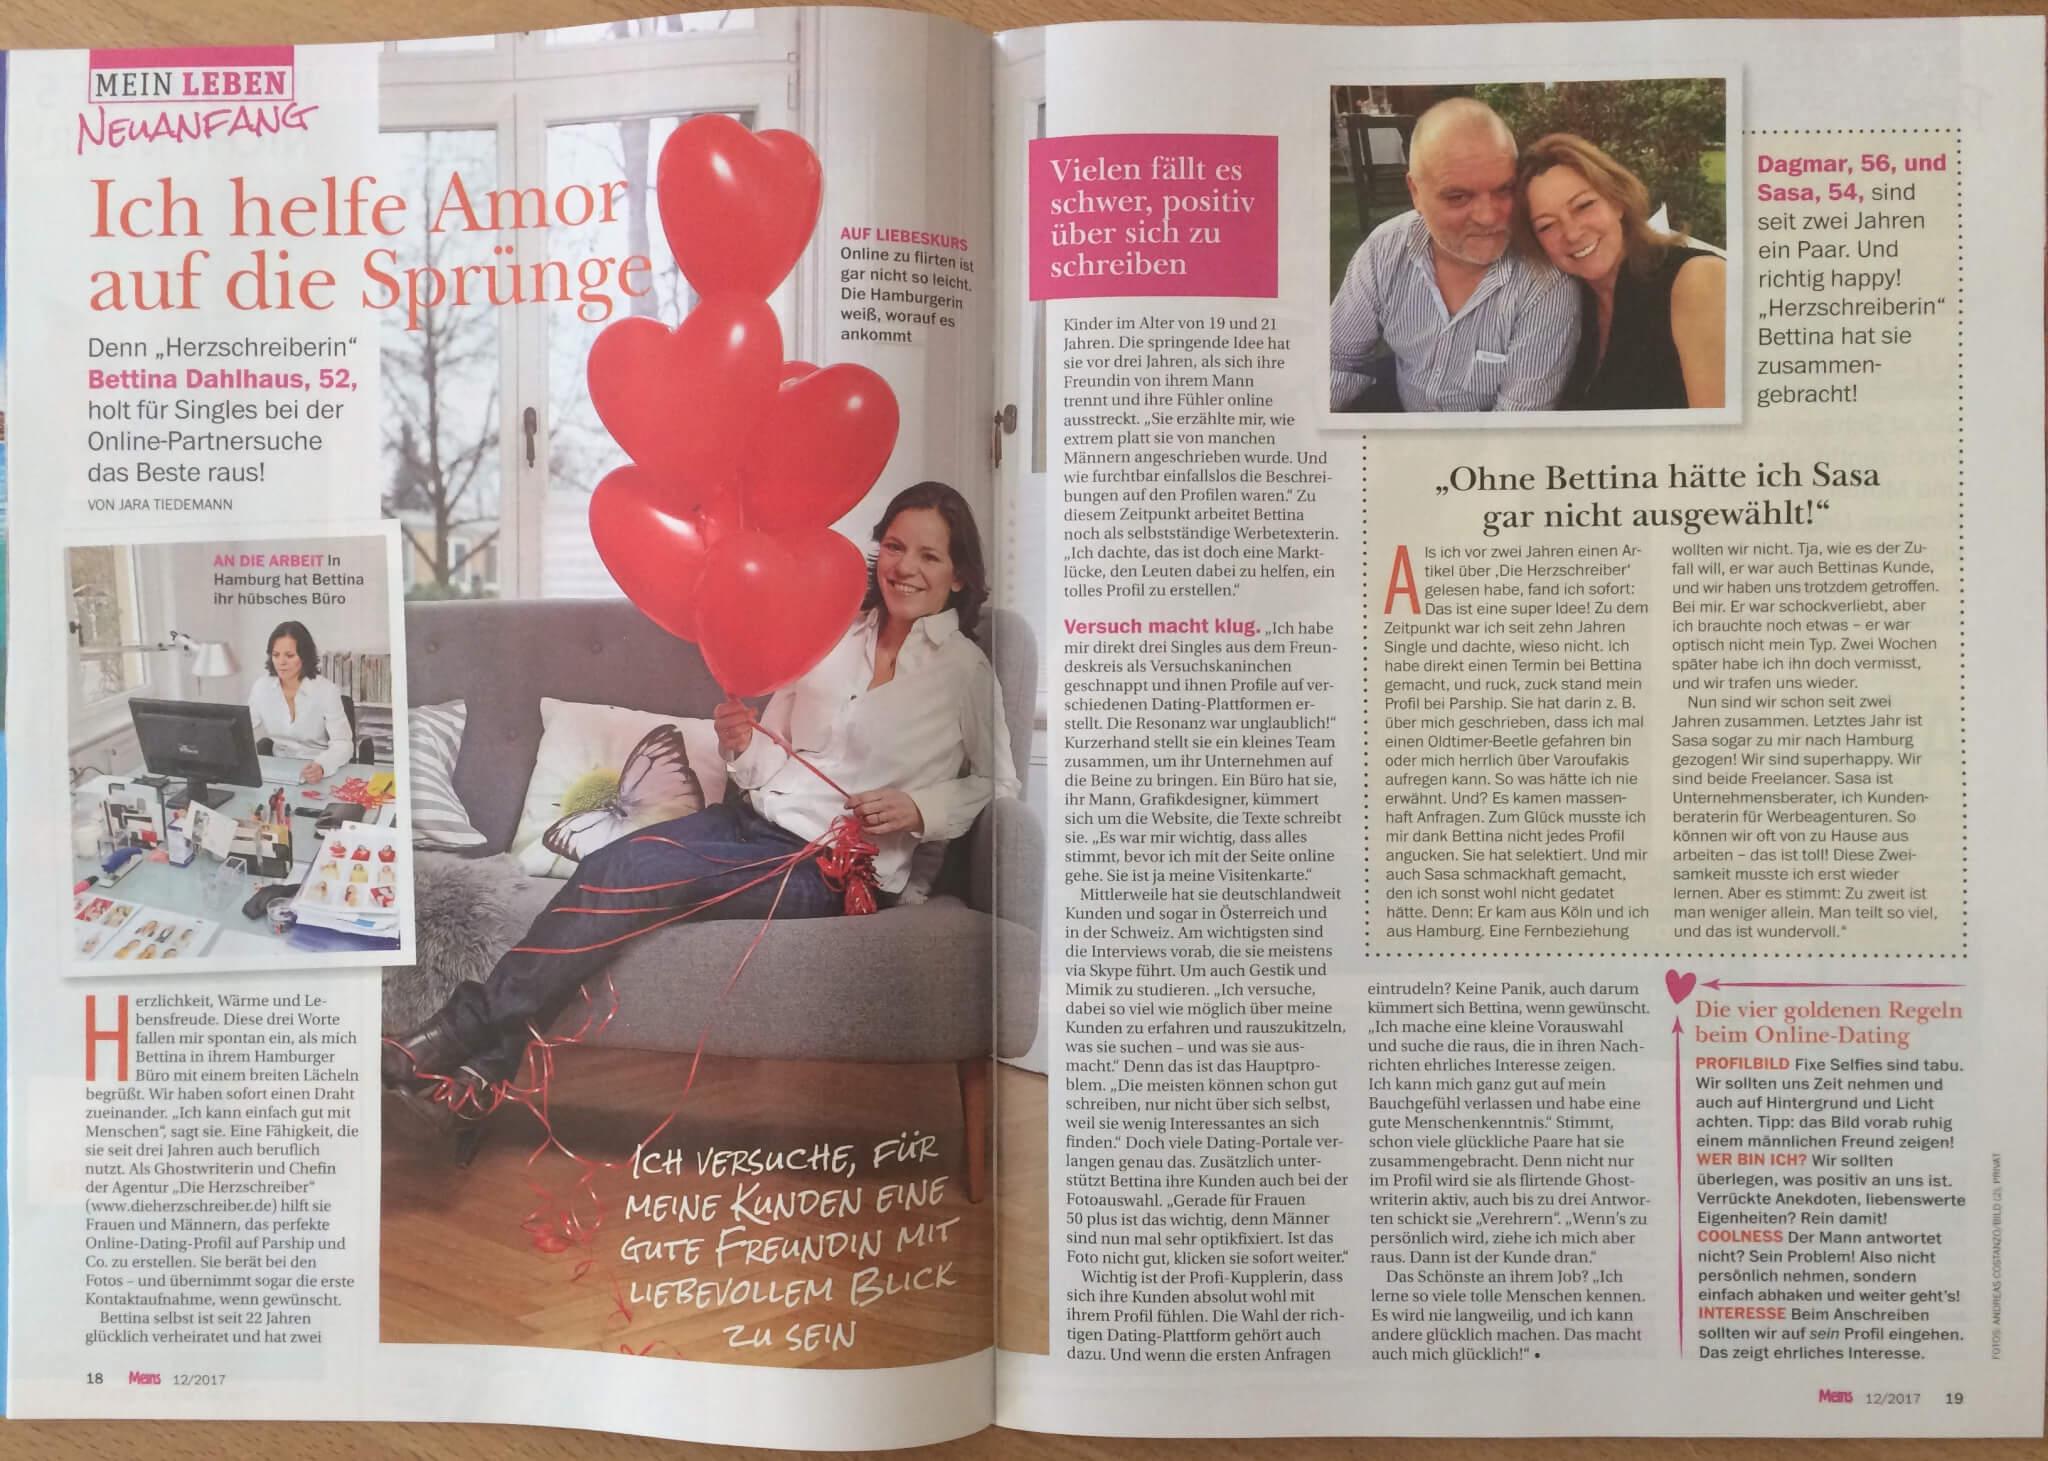 Dating-site für über 50-jährige